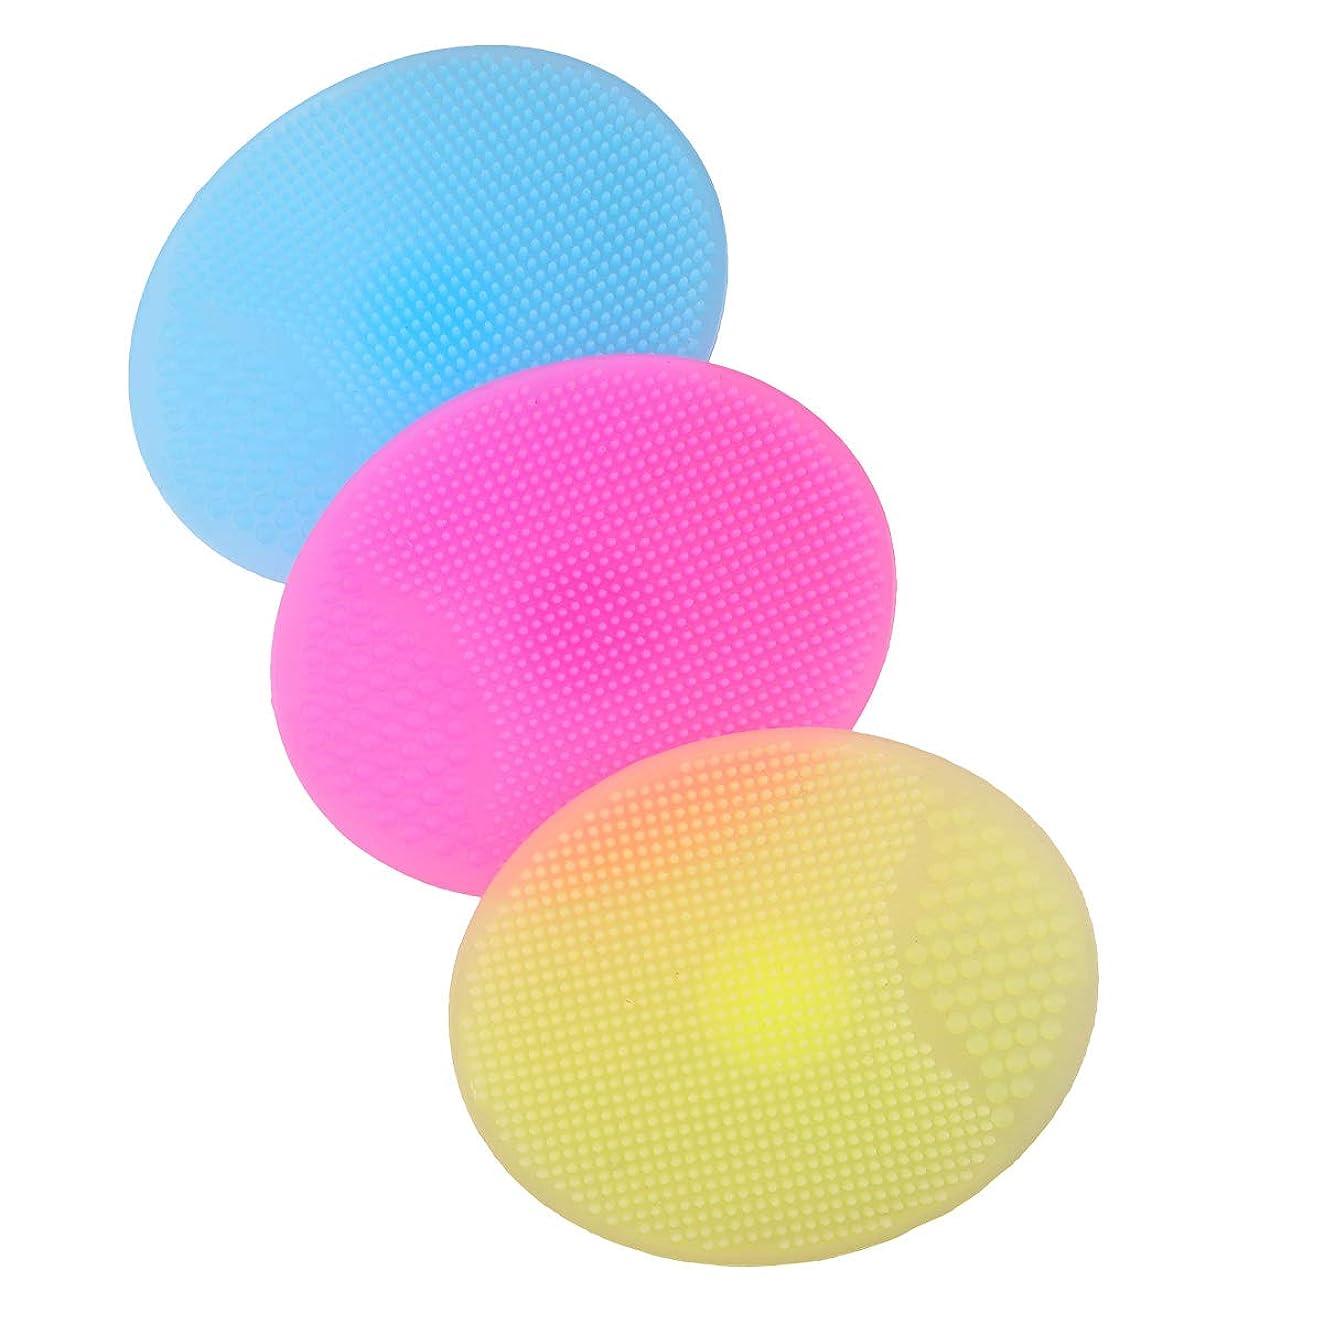 暴力的な寝室を掃除するセミナーHealifty 洗顔ブラシ クレンジング ブラシ シリコン 3本 (イエロー+ピンク+ブルー)